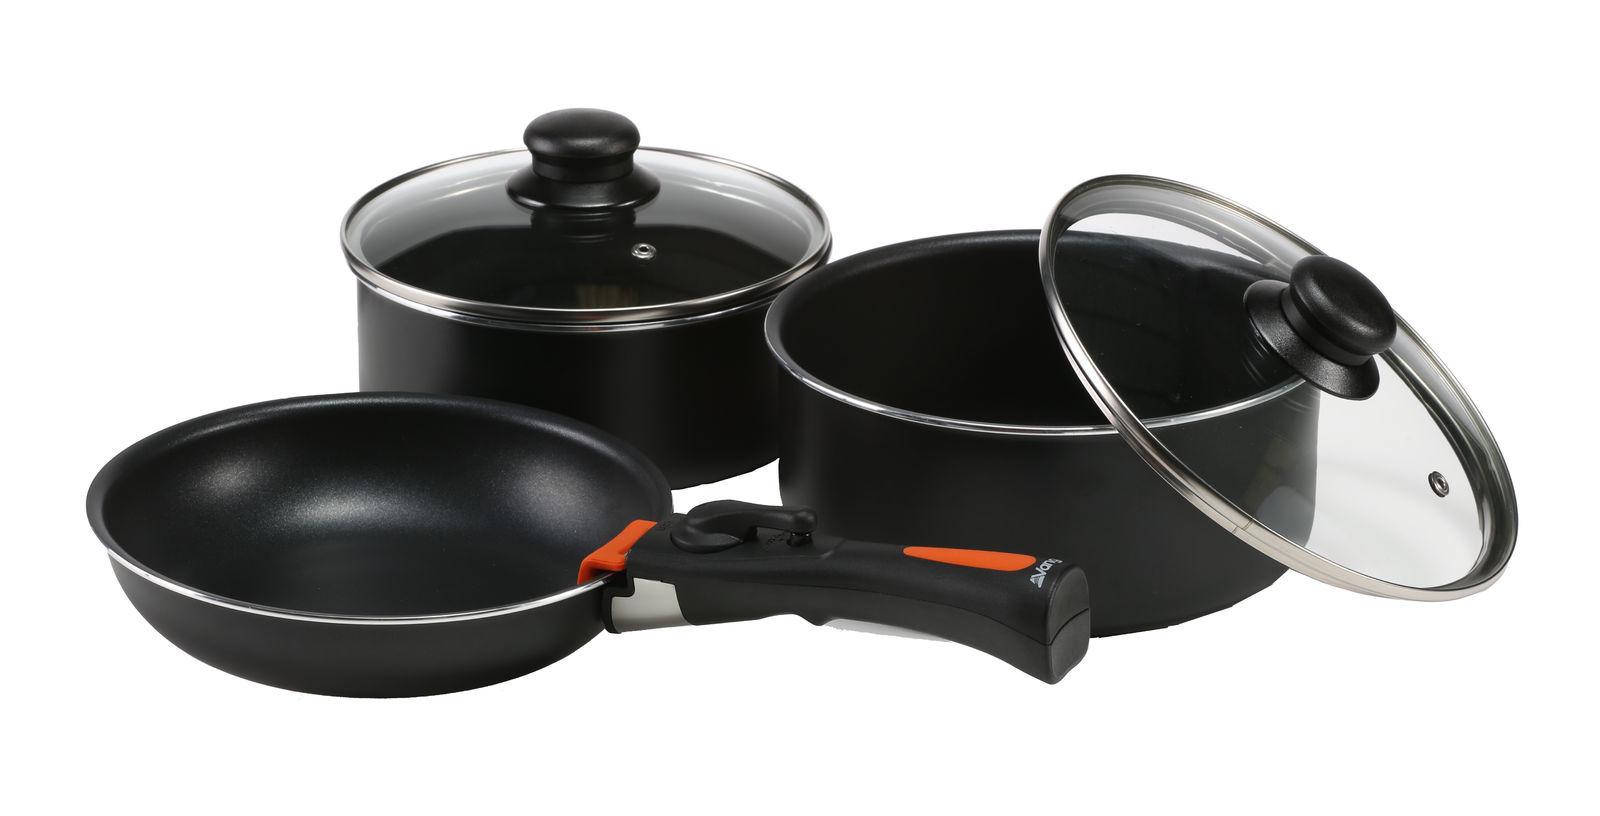 Vango Gourmet Cook Set 2021 Norwich Camping